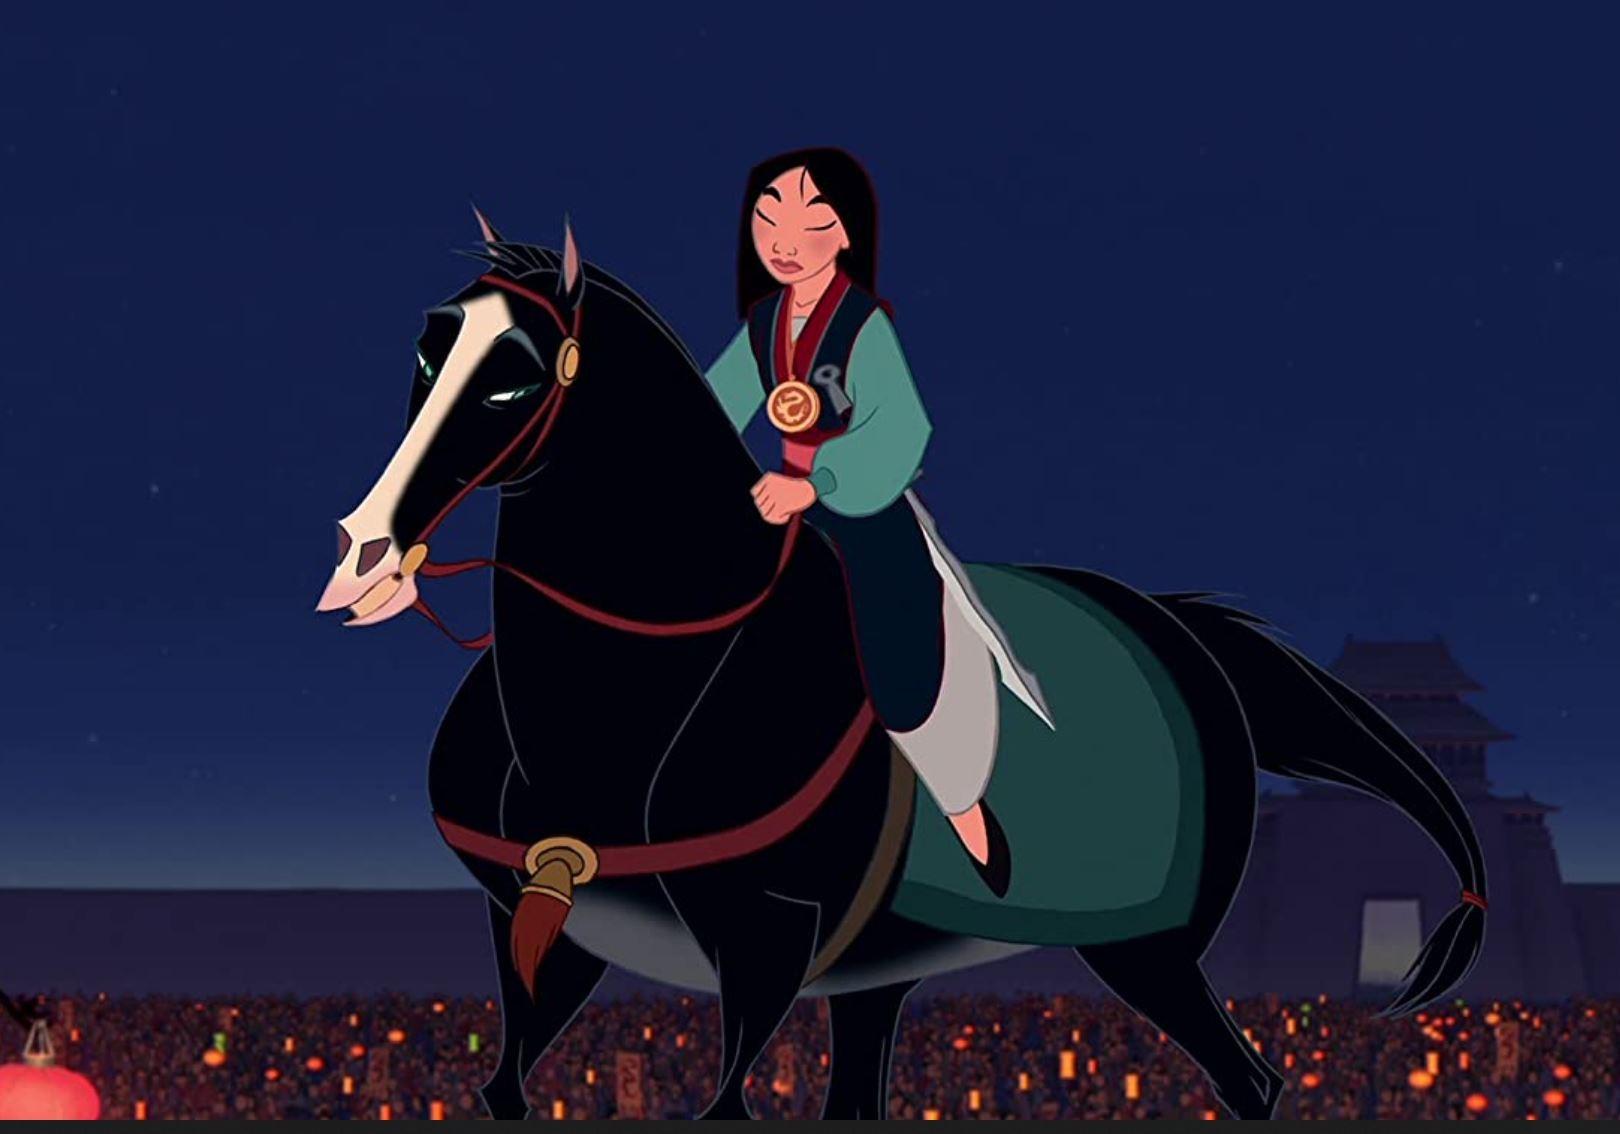 Mulan riding a horse